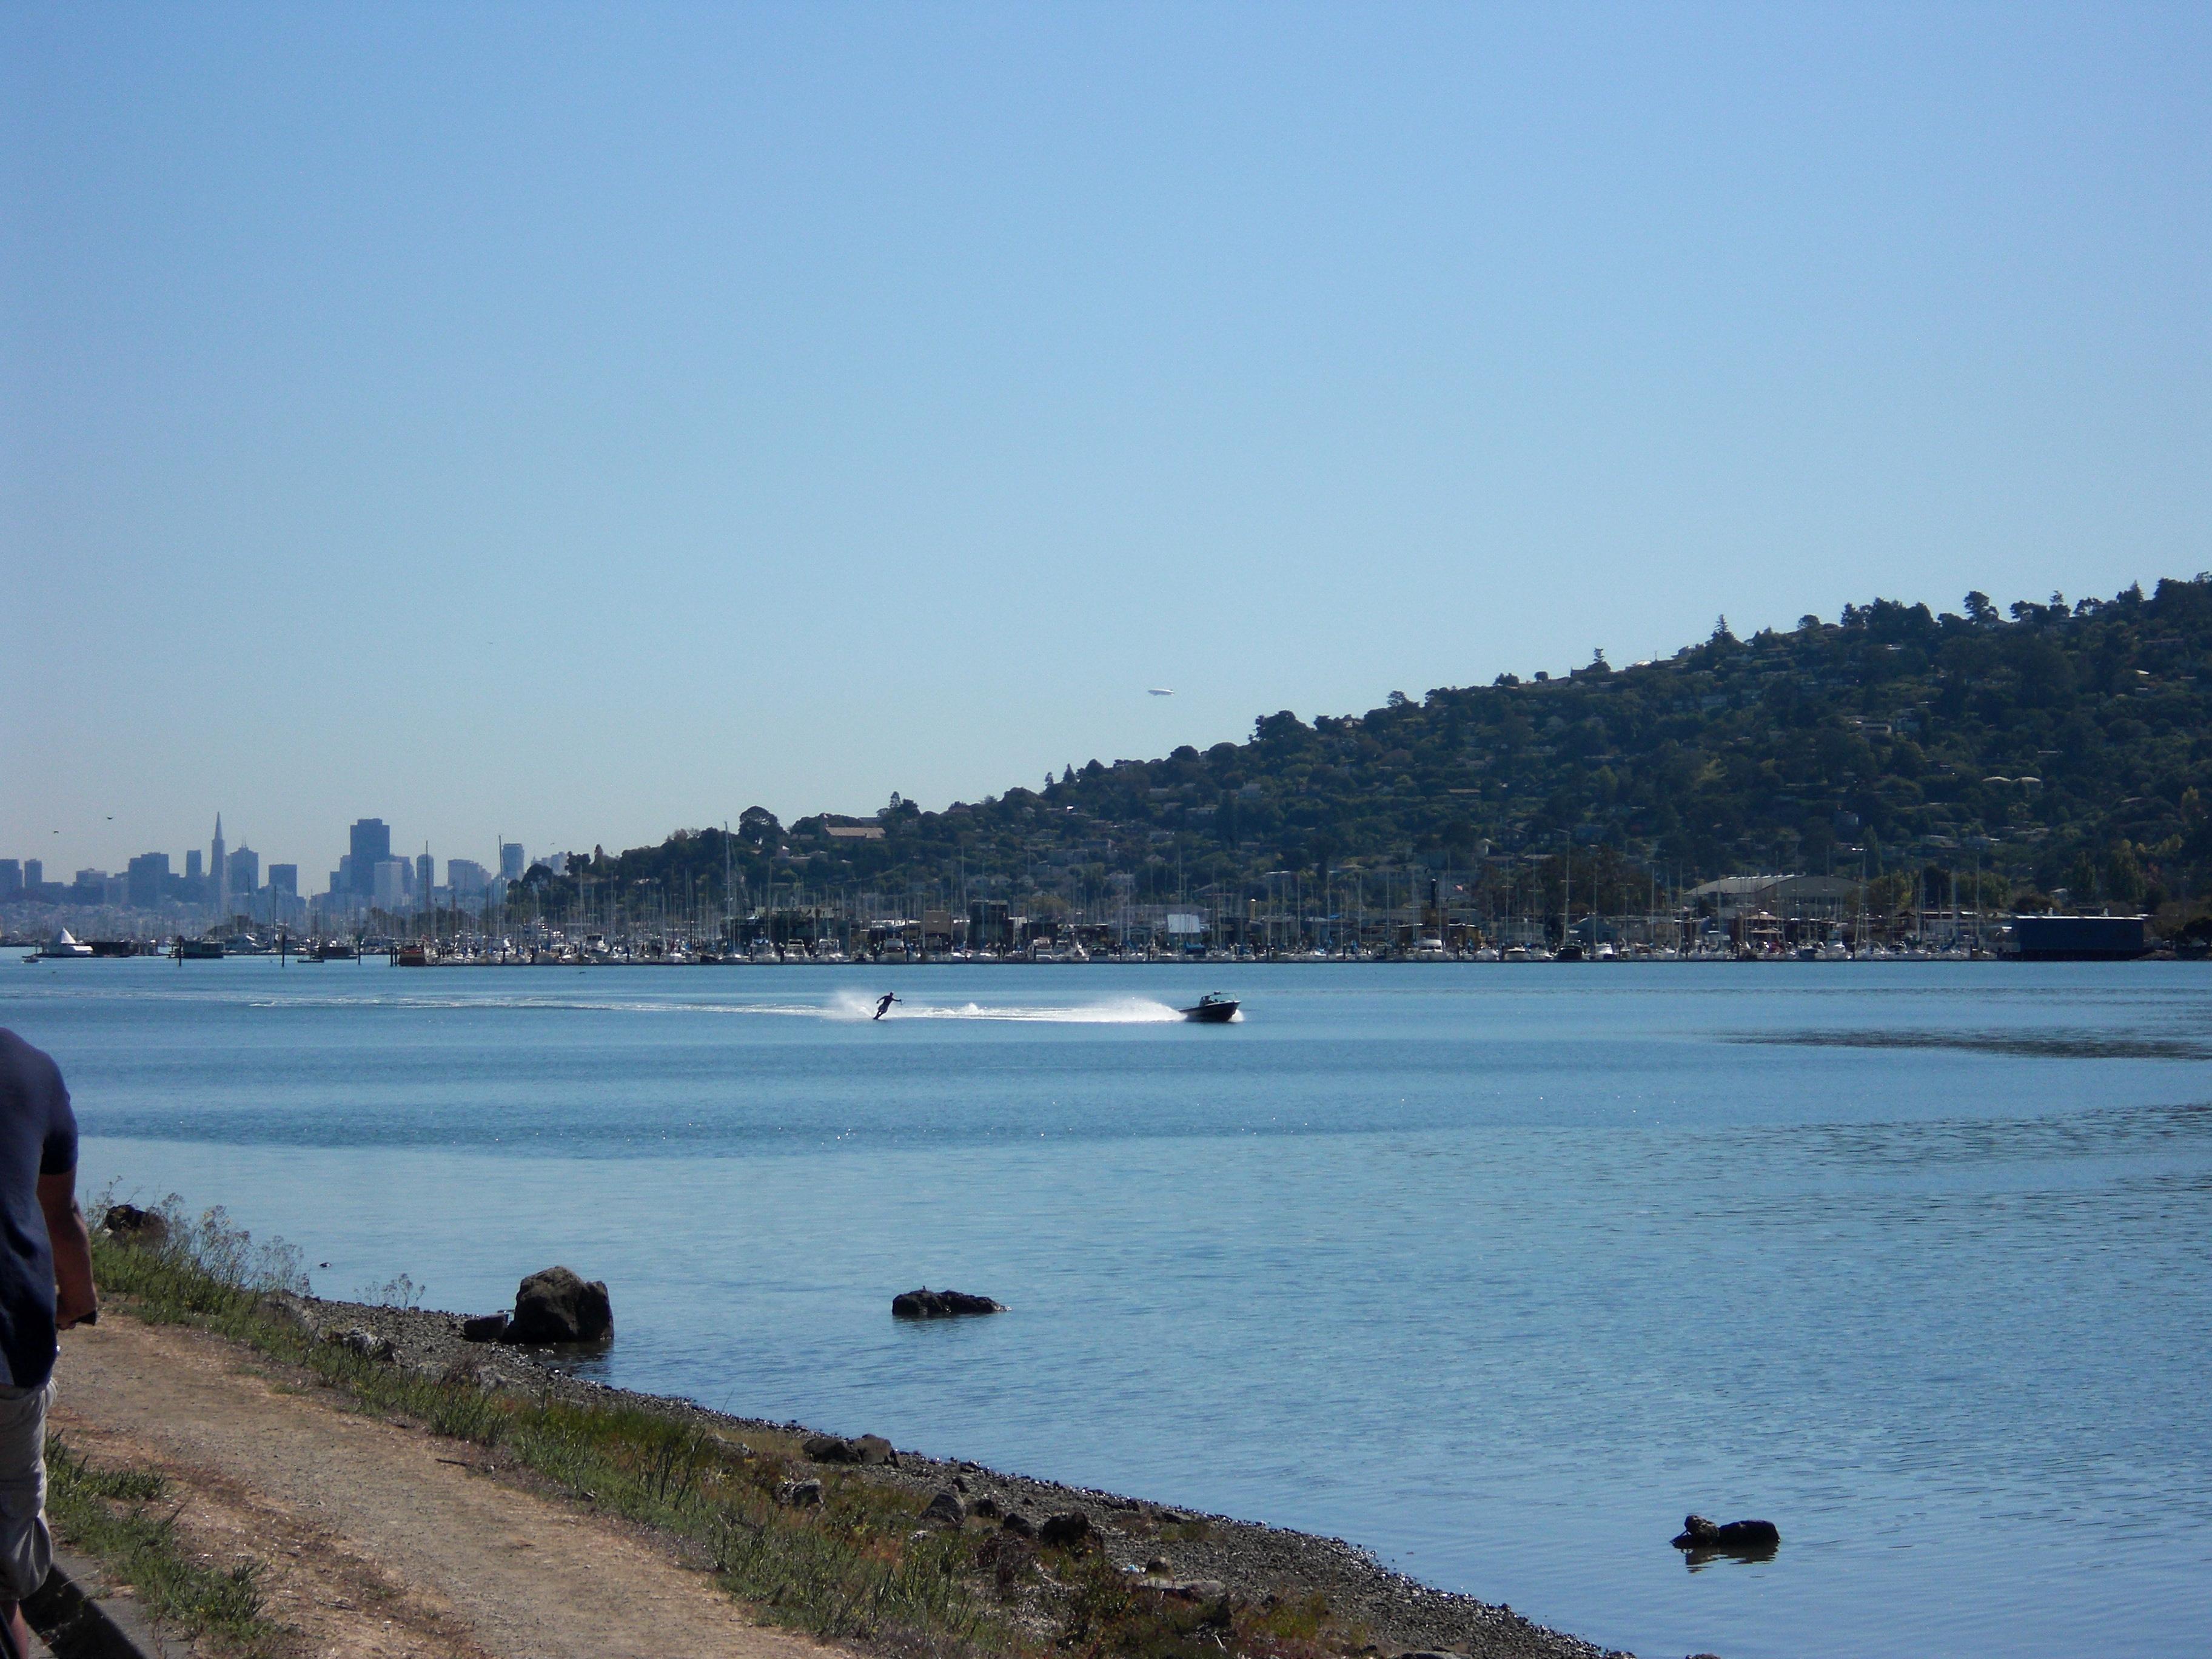 California, Bay, Bayarea, Boat, Sanfrancisco, HQ Photo